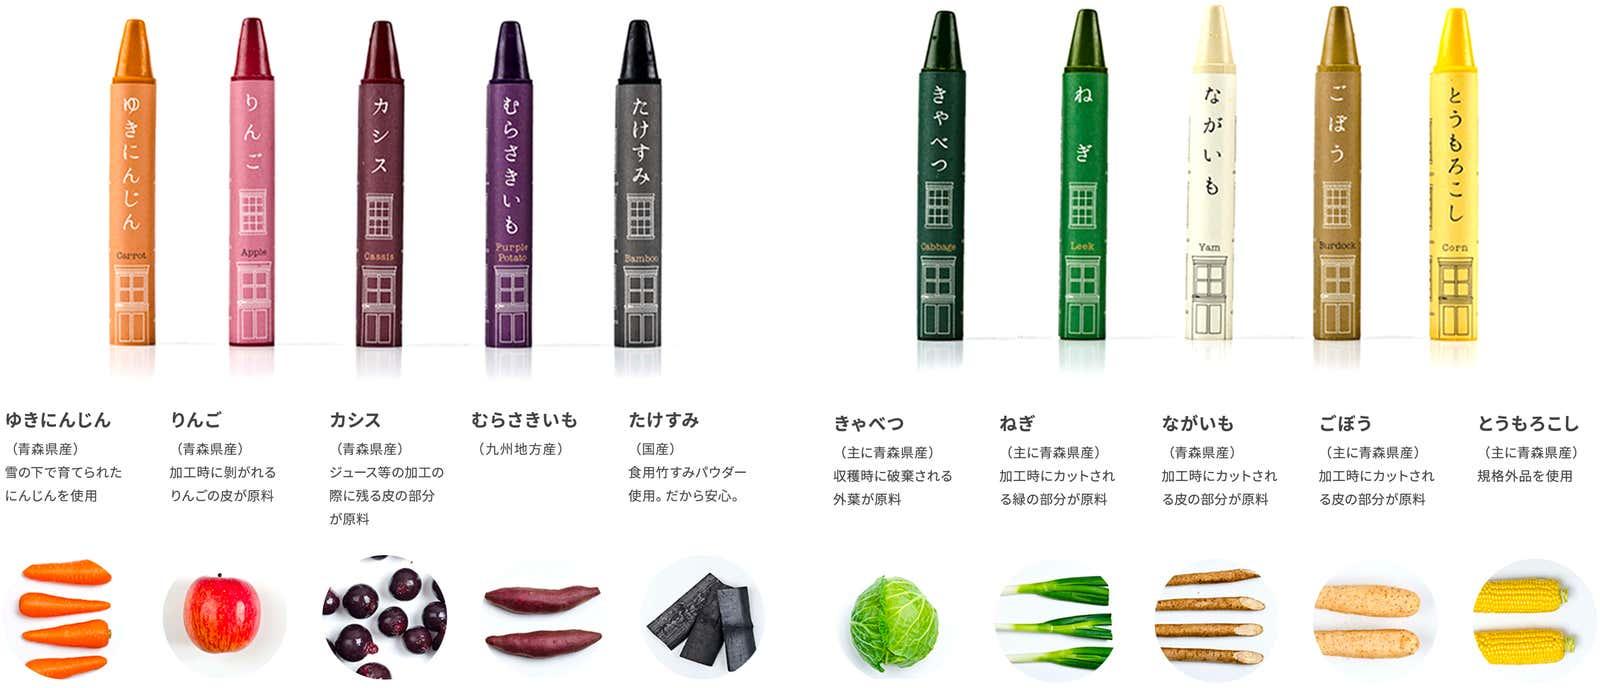 Oyasai Crayon